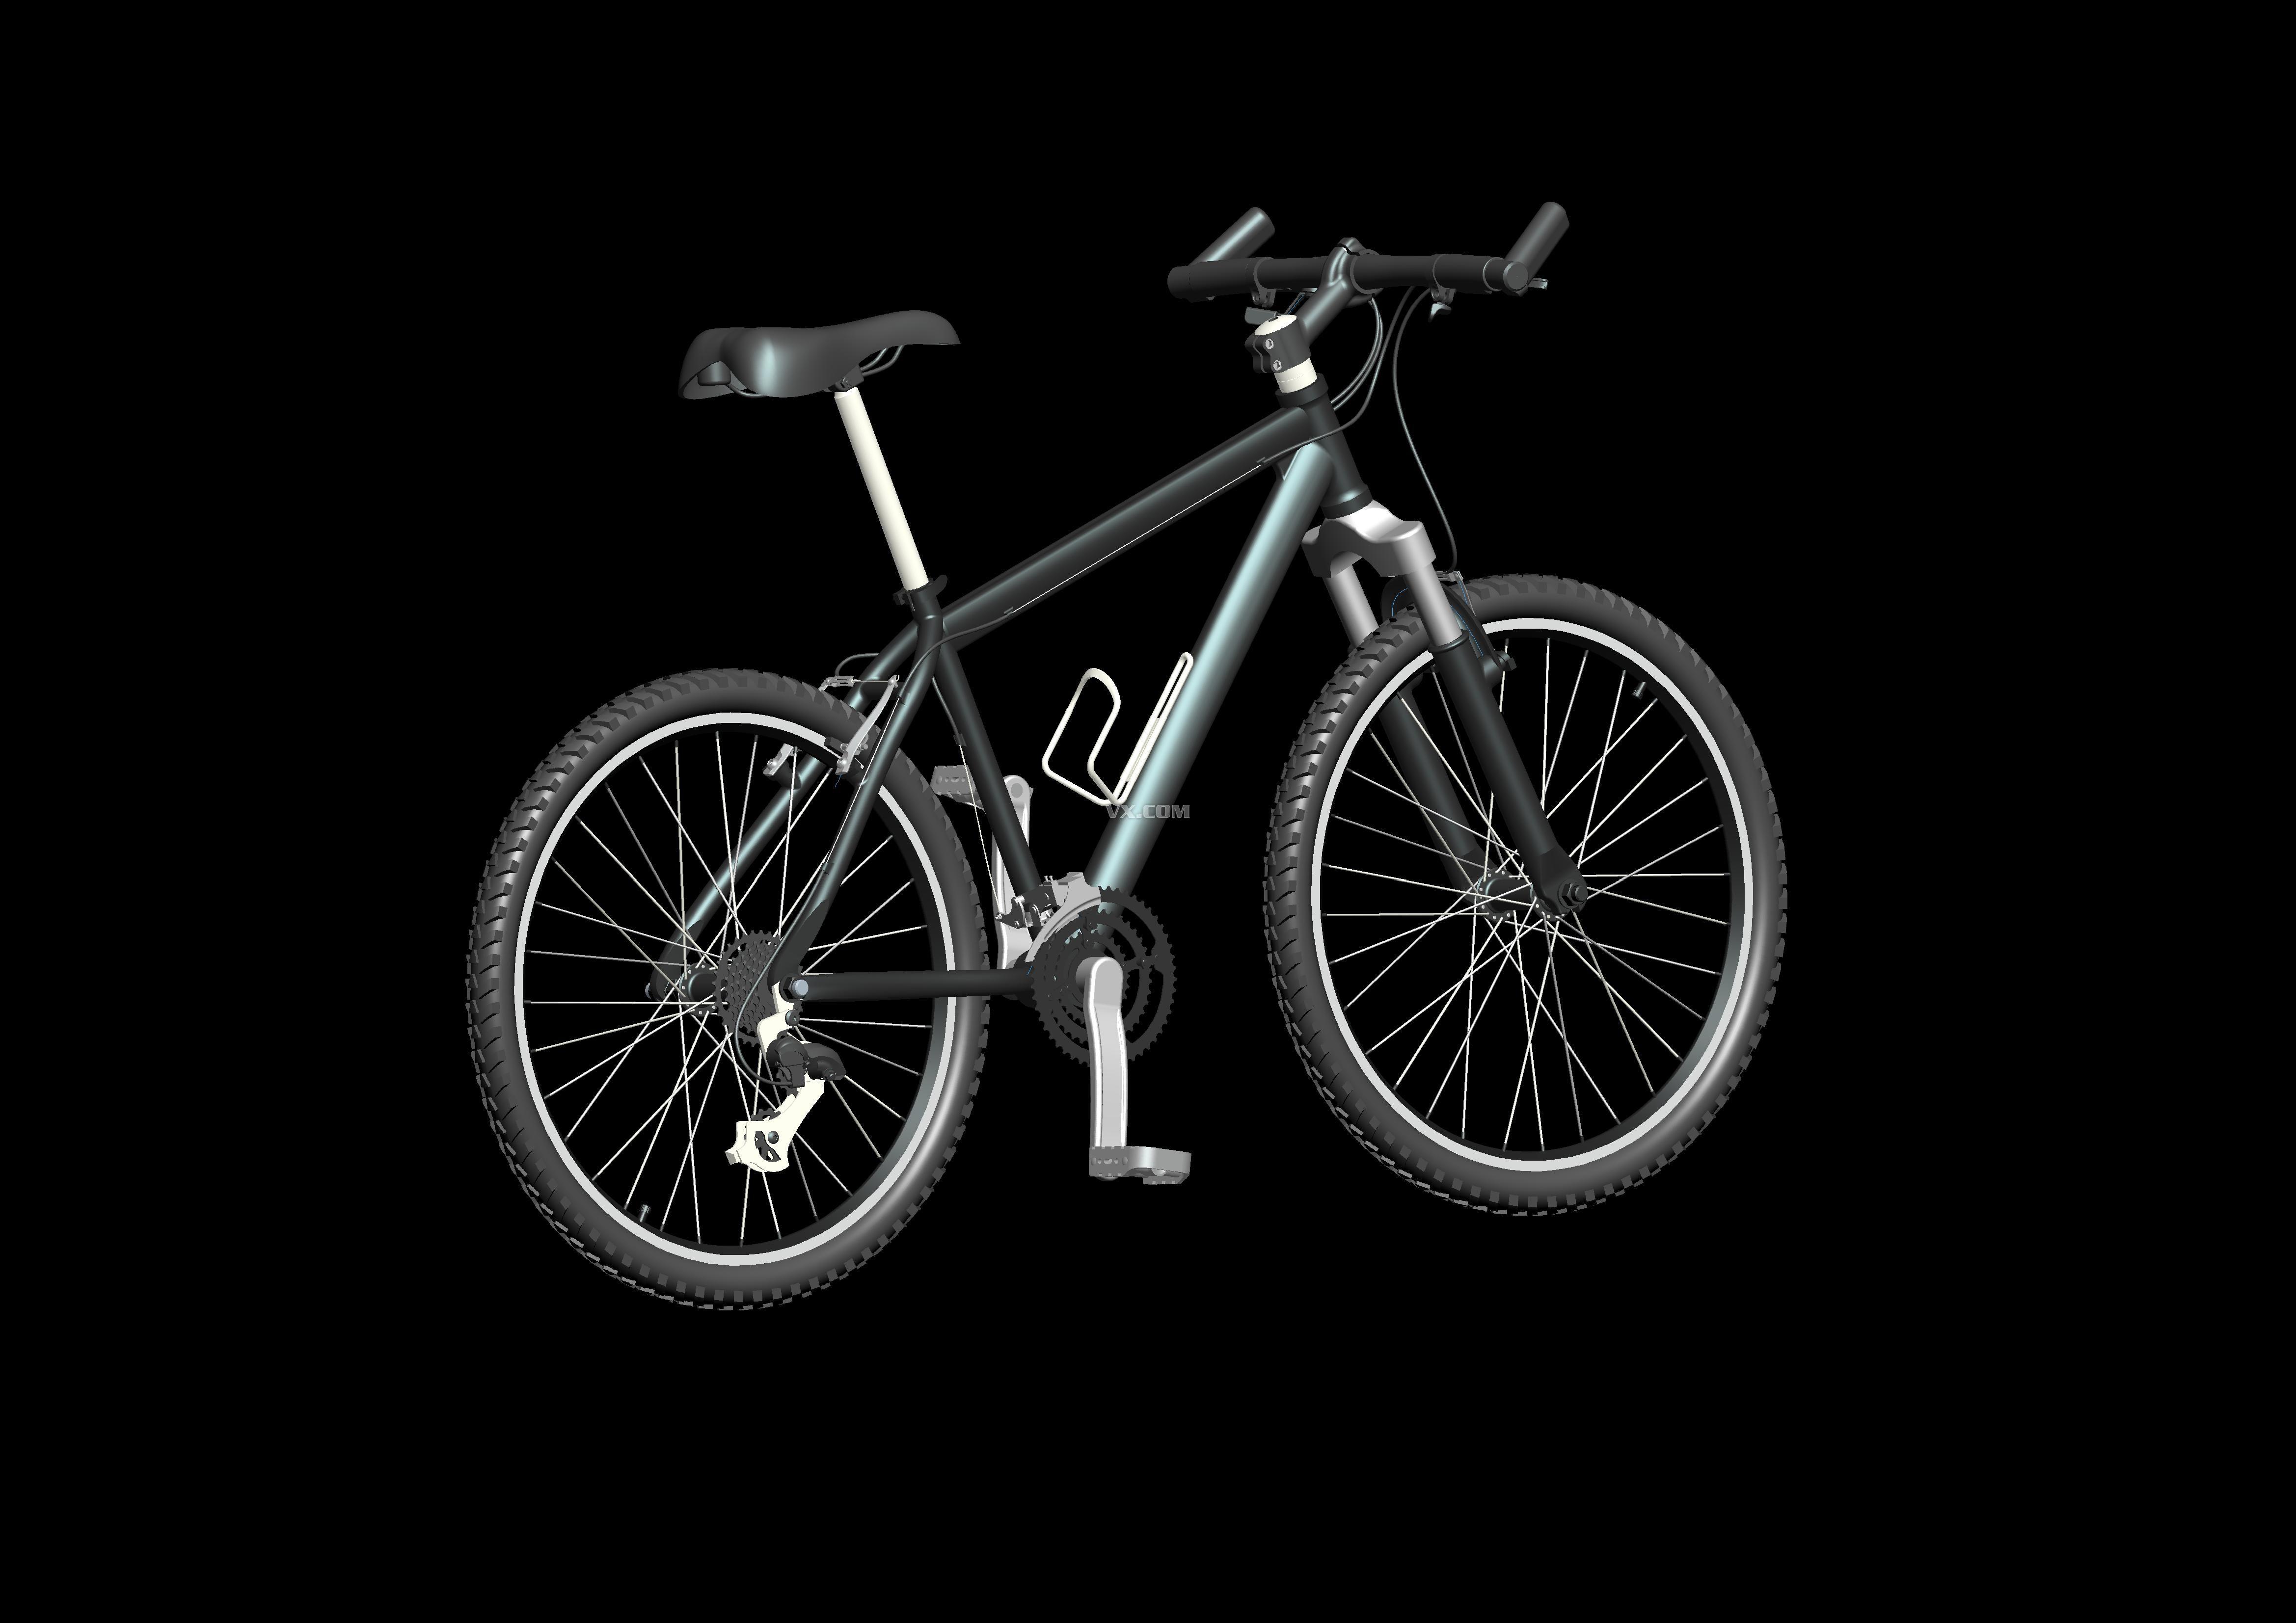 自行车_pro/e_生活设施_3d模型_图纸下载_微小网